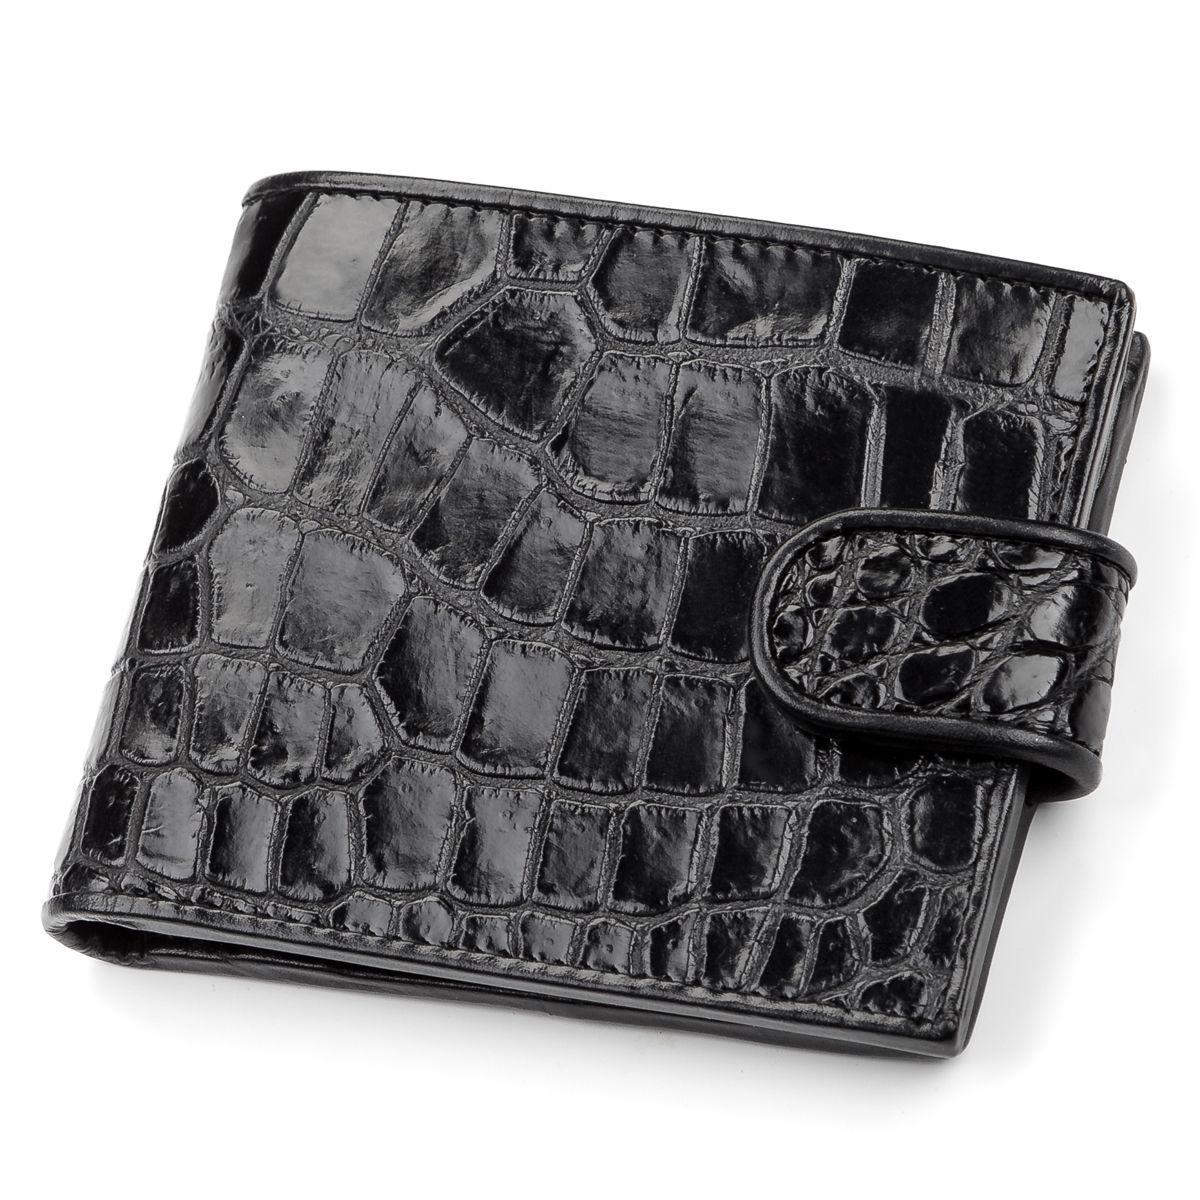 549fae57778a Портмоне CROCODILE LEATHER 18056 из натуральной кожи крокодила Черное,  Черный